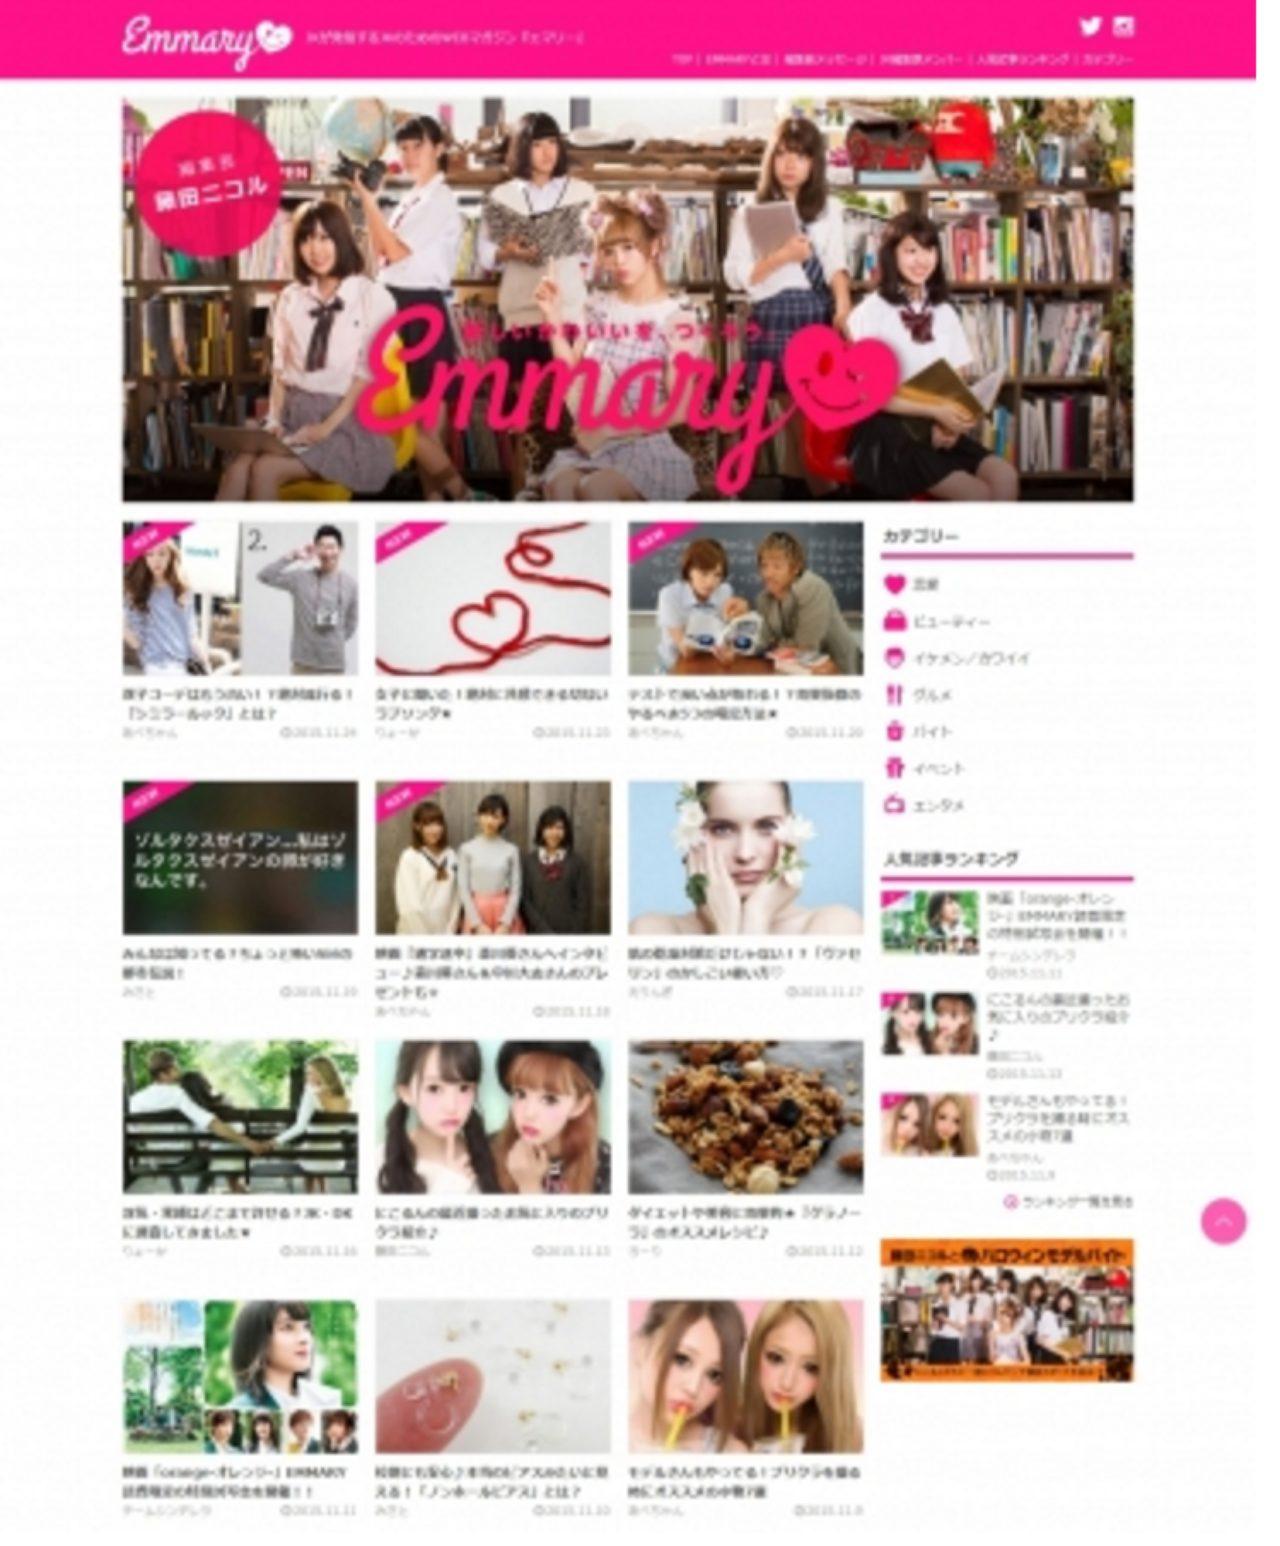 """画像: 恋愛・ビューティー・イケメン/カワイイ・グルメ・バイト・イベント・エンタメなど、JKが本当に欲しい情報を現役JKが発信するJKのためのWEBマガジン。タイトルの「EMMARY(エマリー)」は、フランス語で「可愛らしい」を意味するaimable(エマーブル)をヒントに、イマドキな可愛い女の子をイメージして名付けました。読んだ人みんなが""""EMMARYな女の子""""になれる""""イマドキ""""な情報をどんどん発信していきます!"""